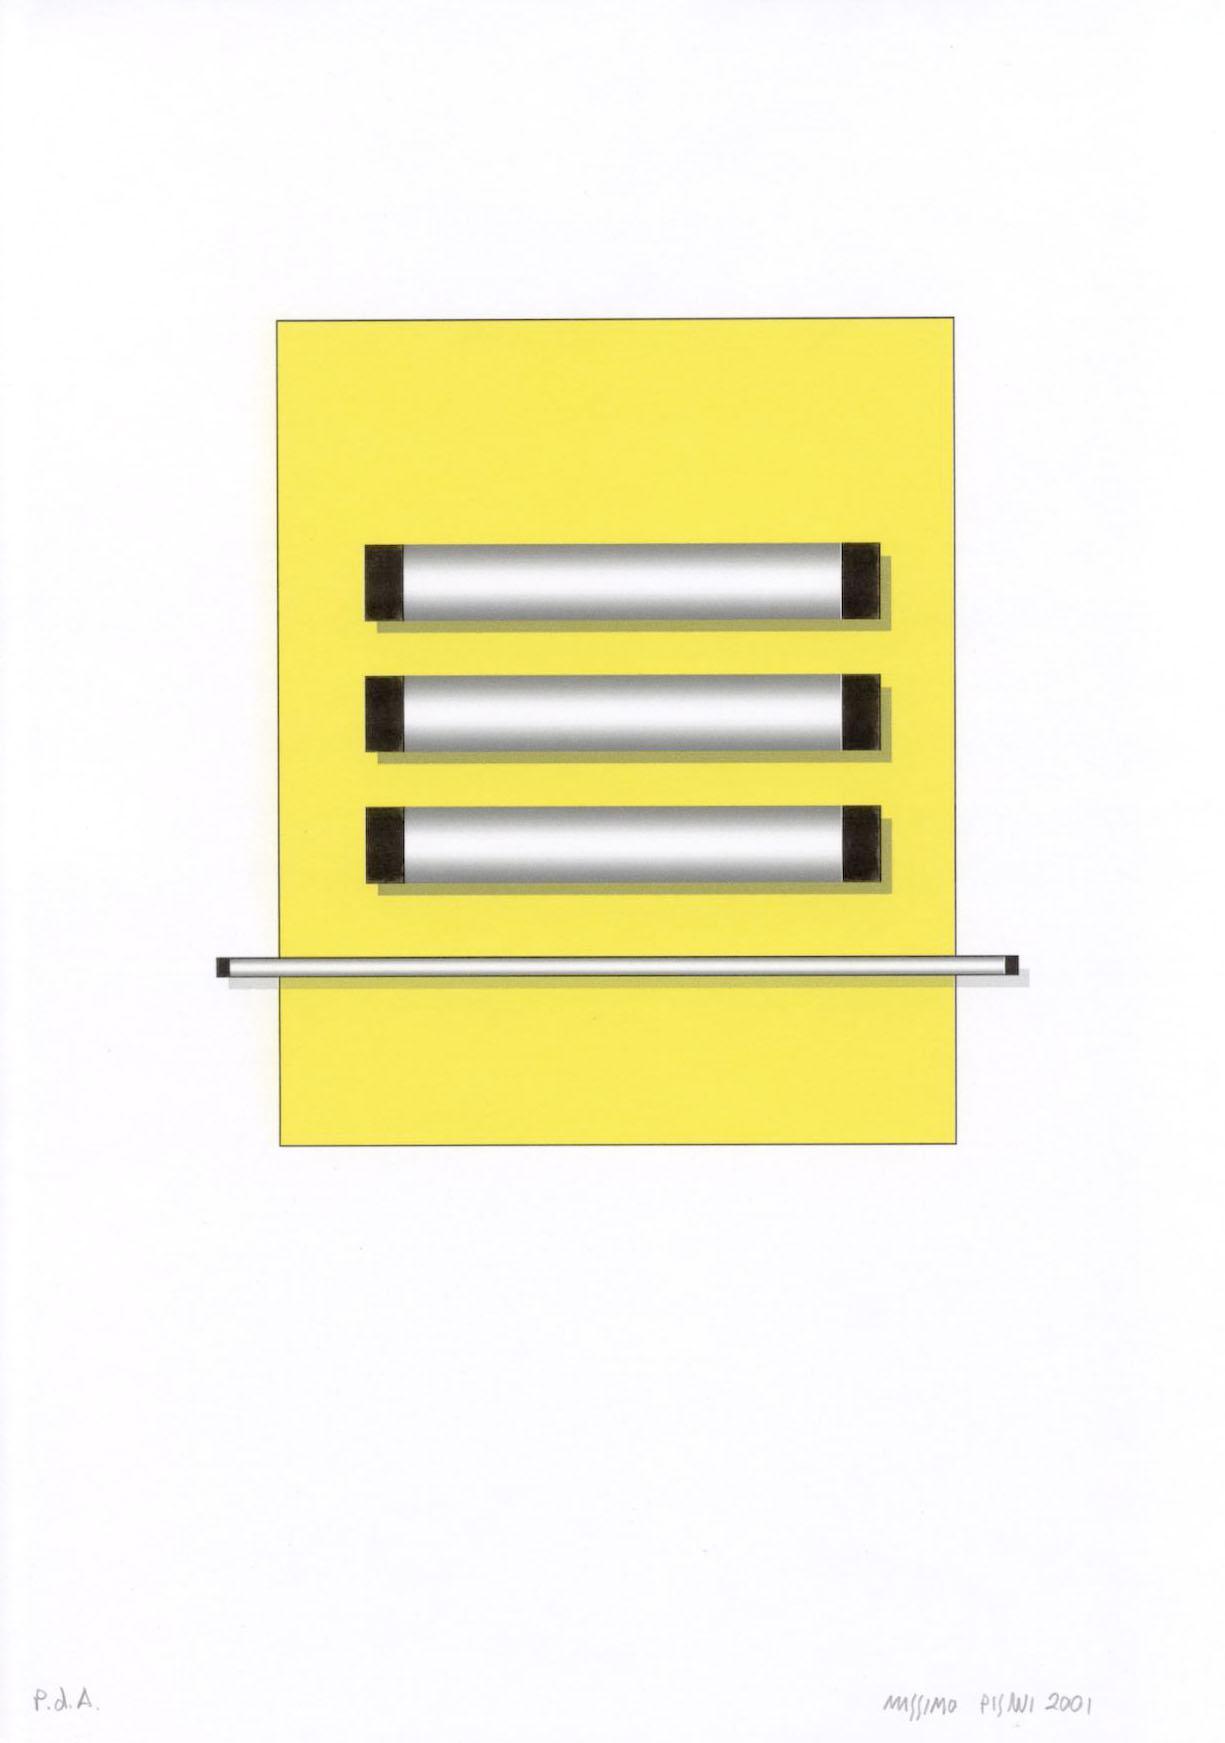 Ilustraciónes para la publicación Pulcino elefante cm.21x29,7 -2002- 38